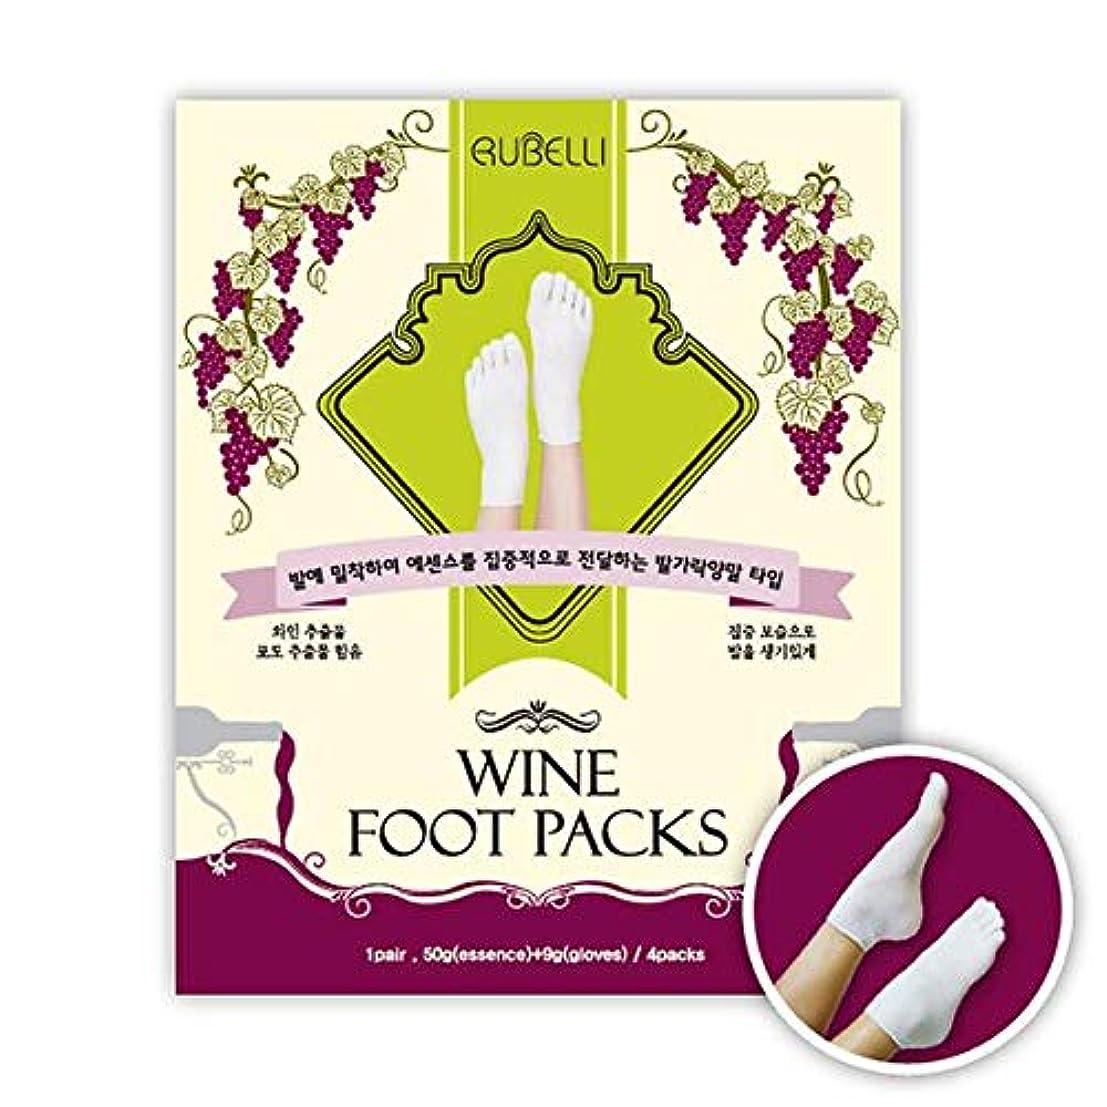 ルベリ[RUBELLI] ワインフットパック59gx4ea自宅でセルフフットケア、保湿 (Wine Foot Packs)